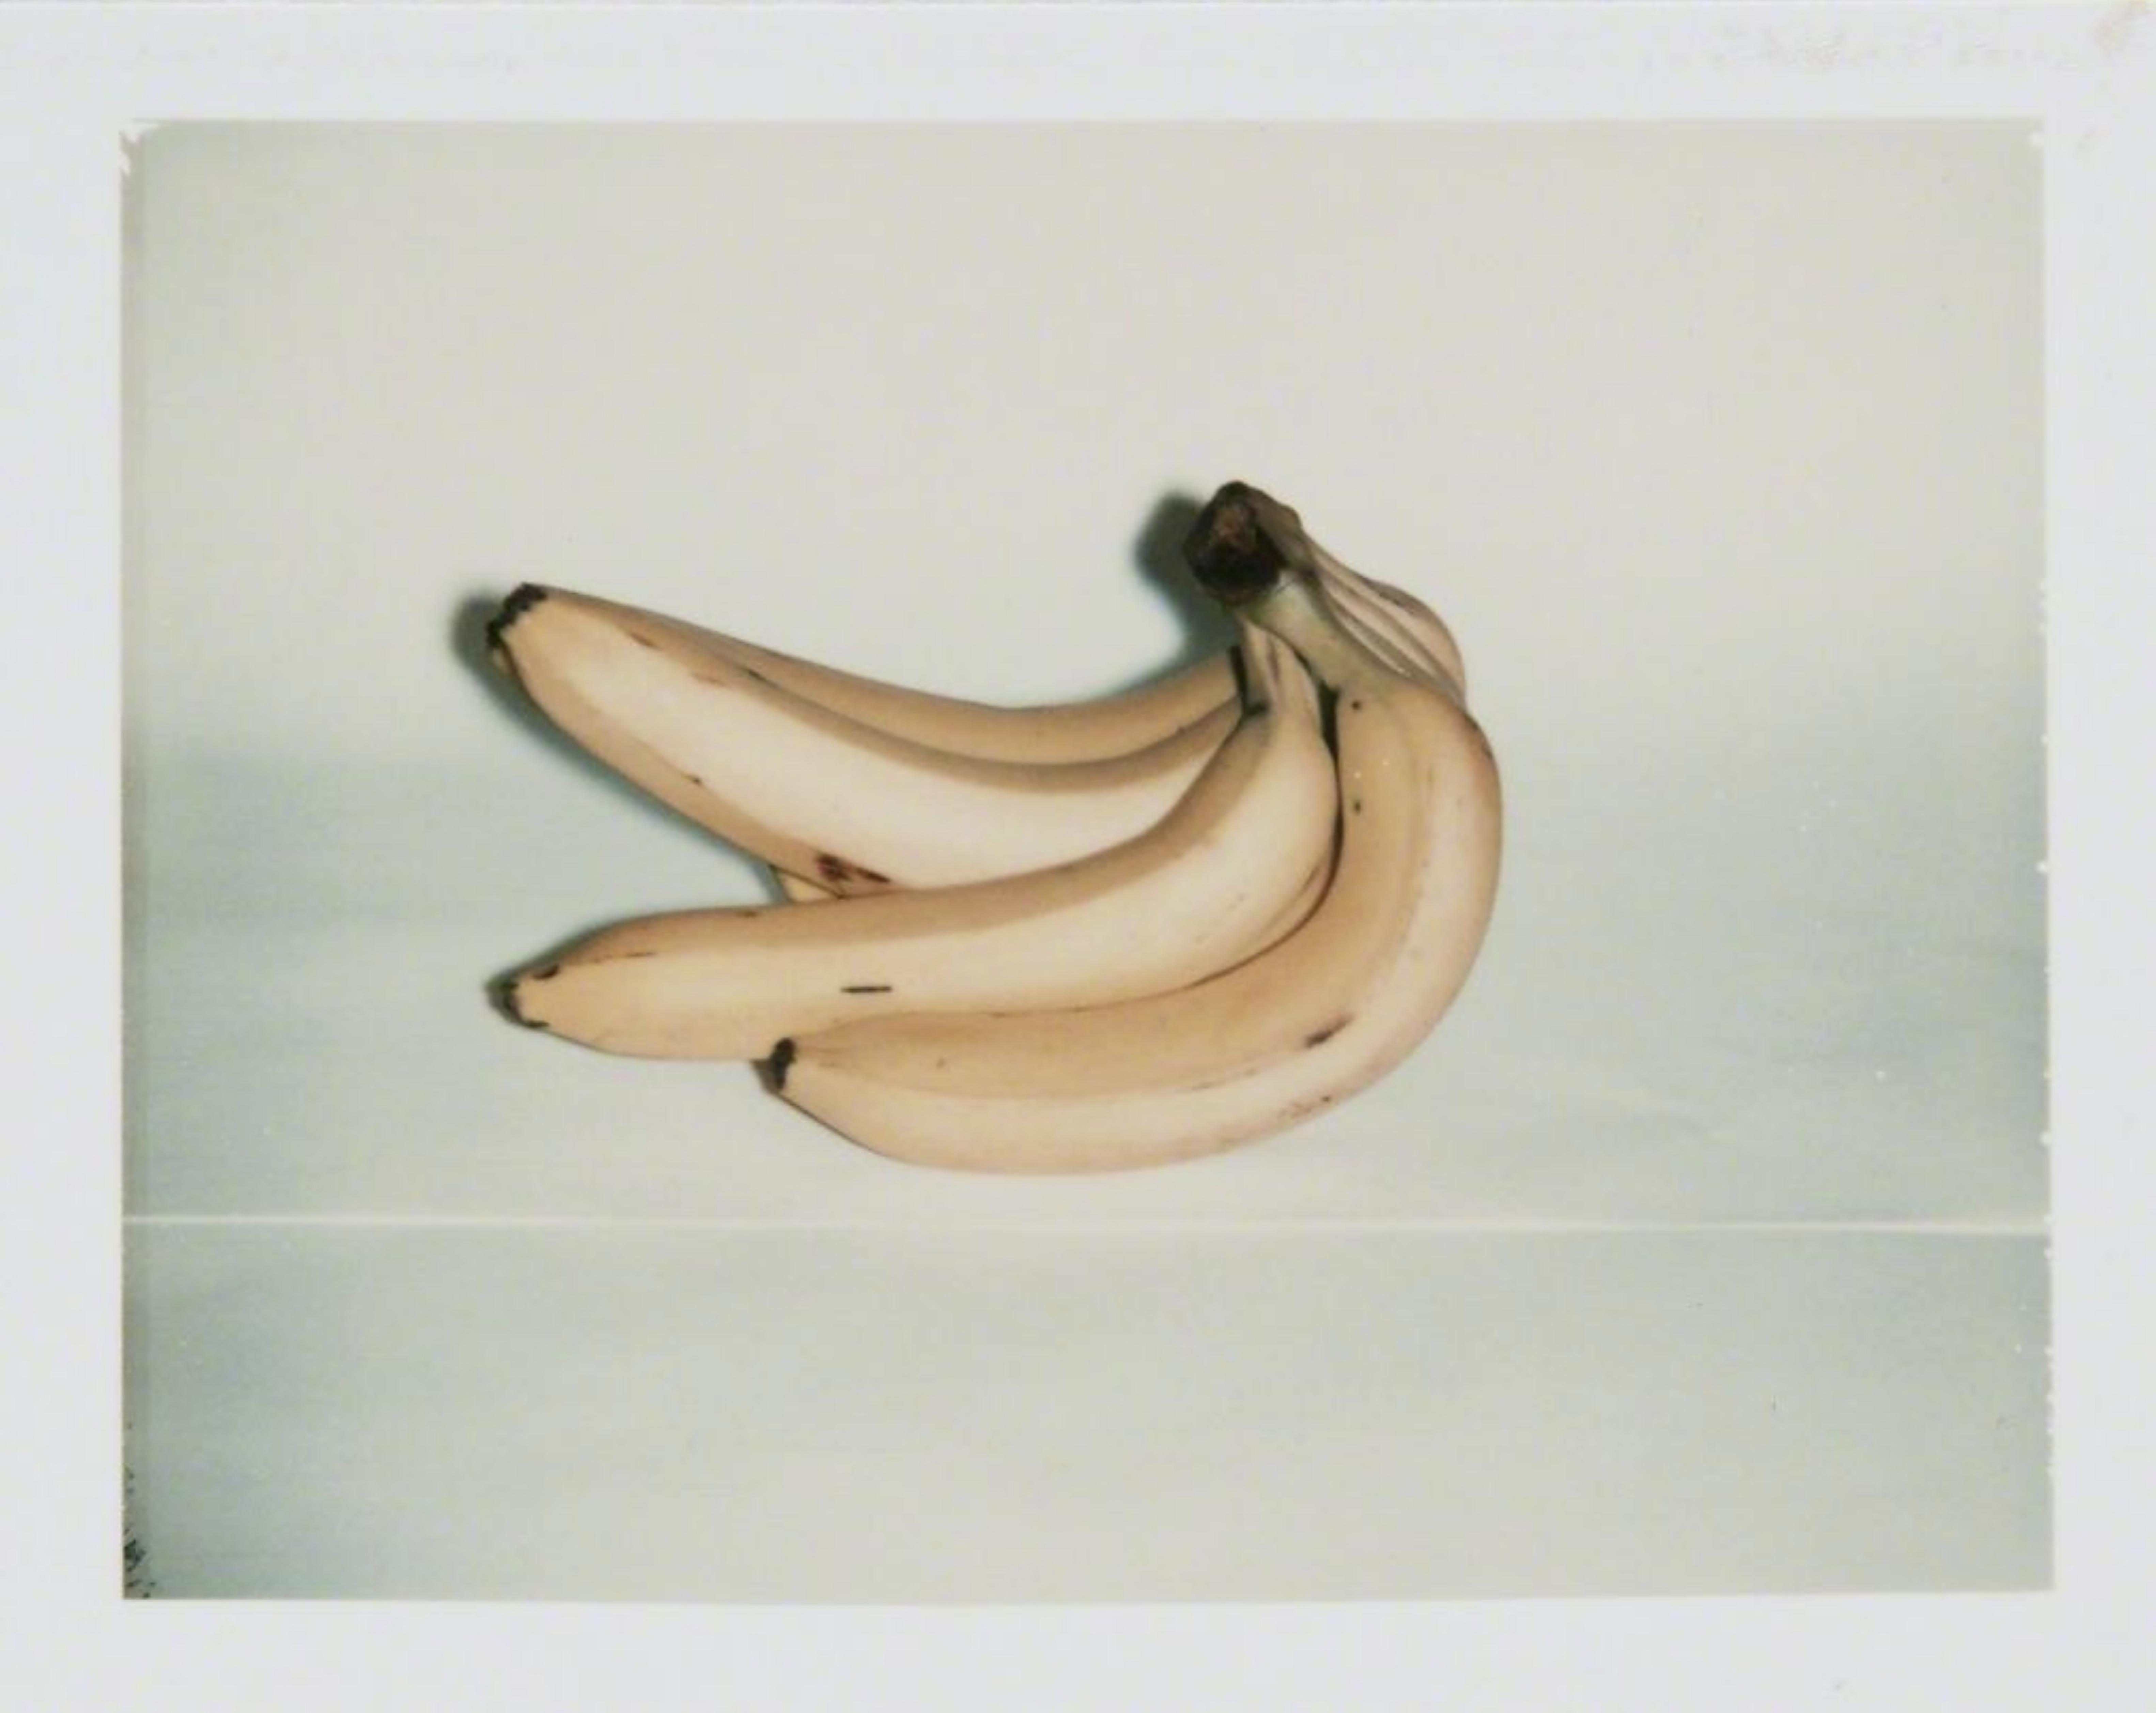 Andy Warhol bananas photo